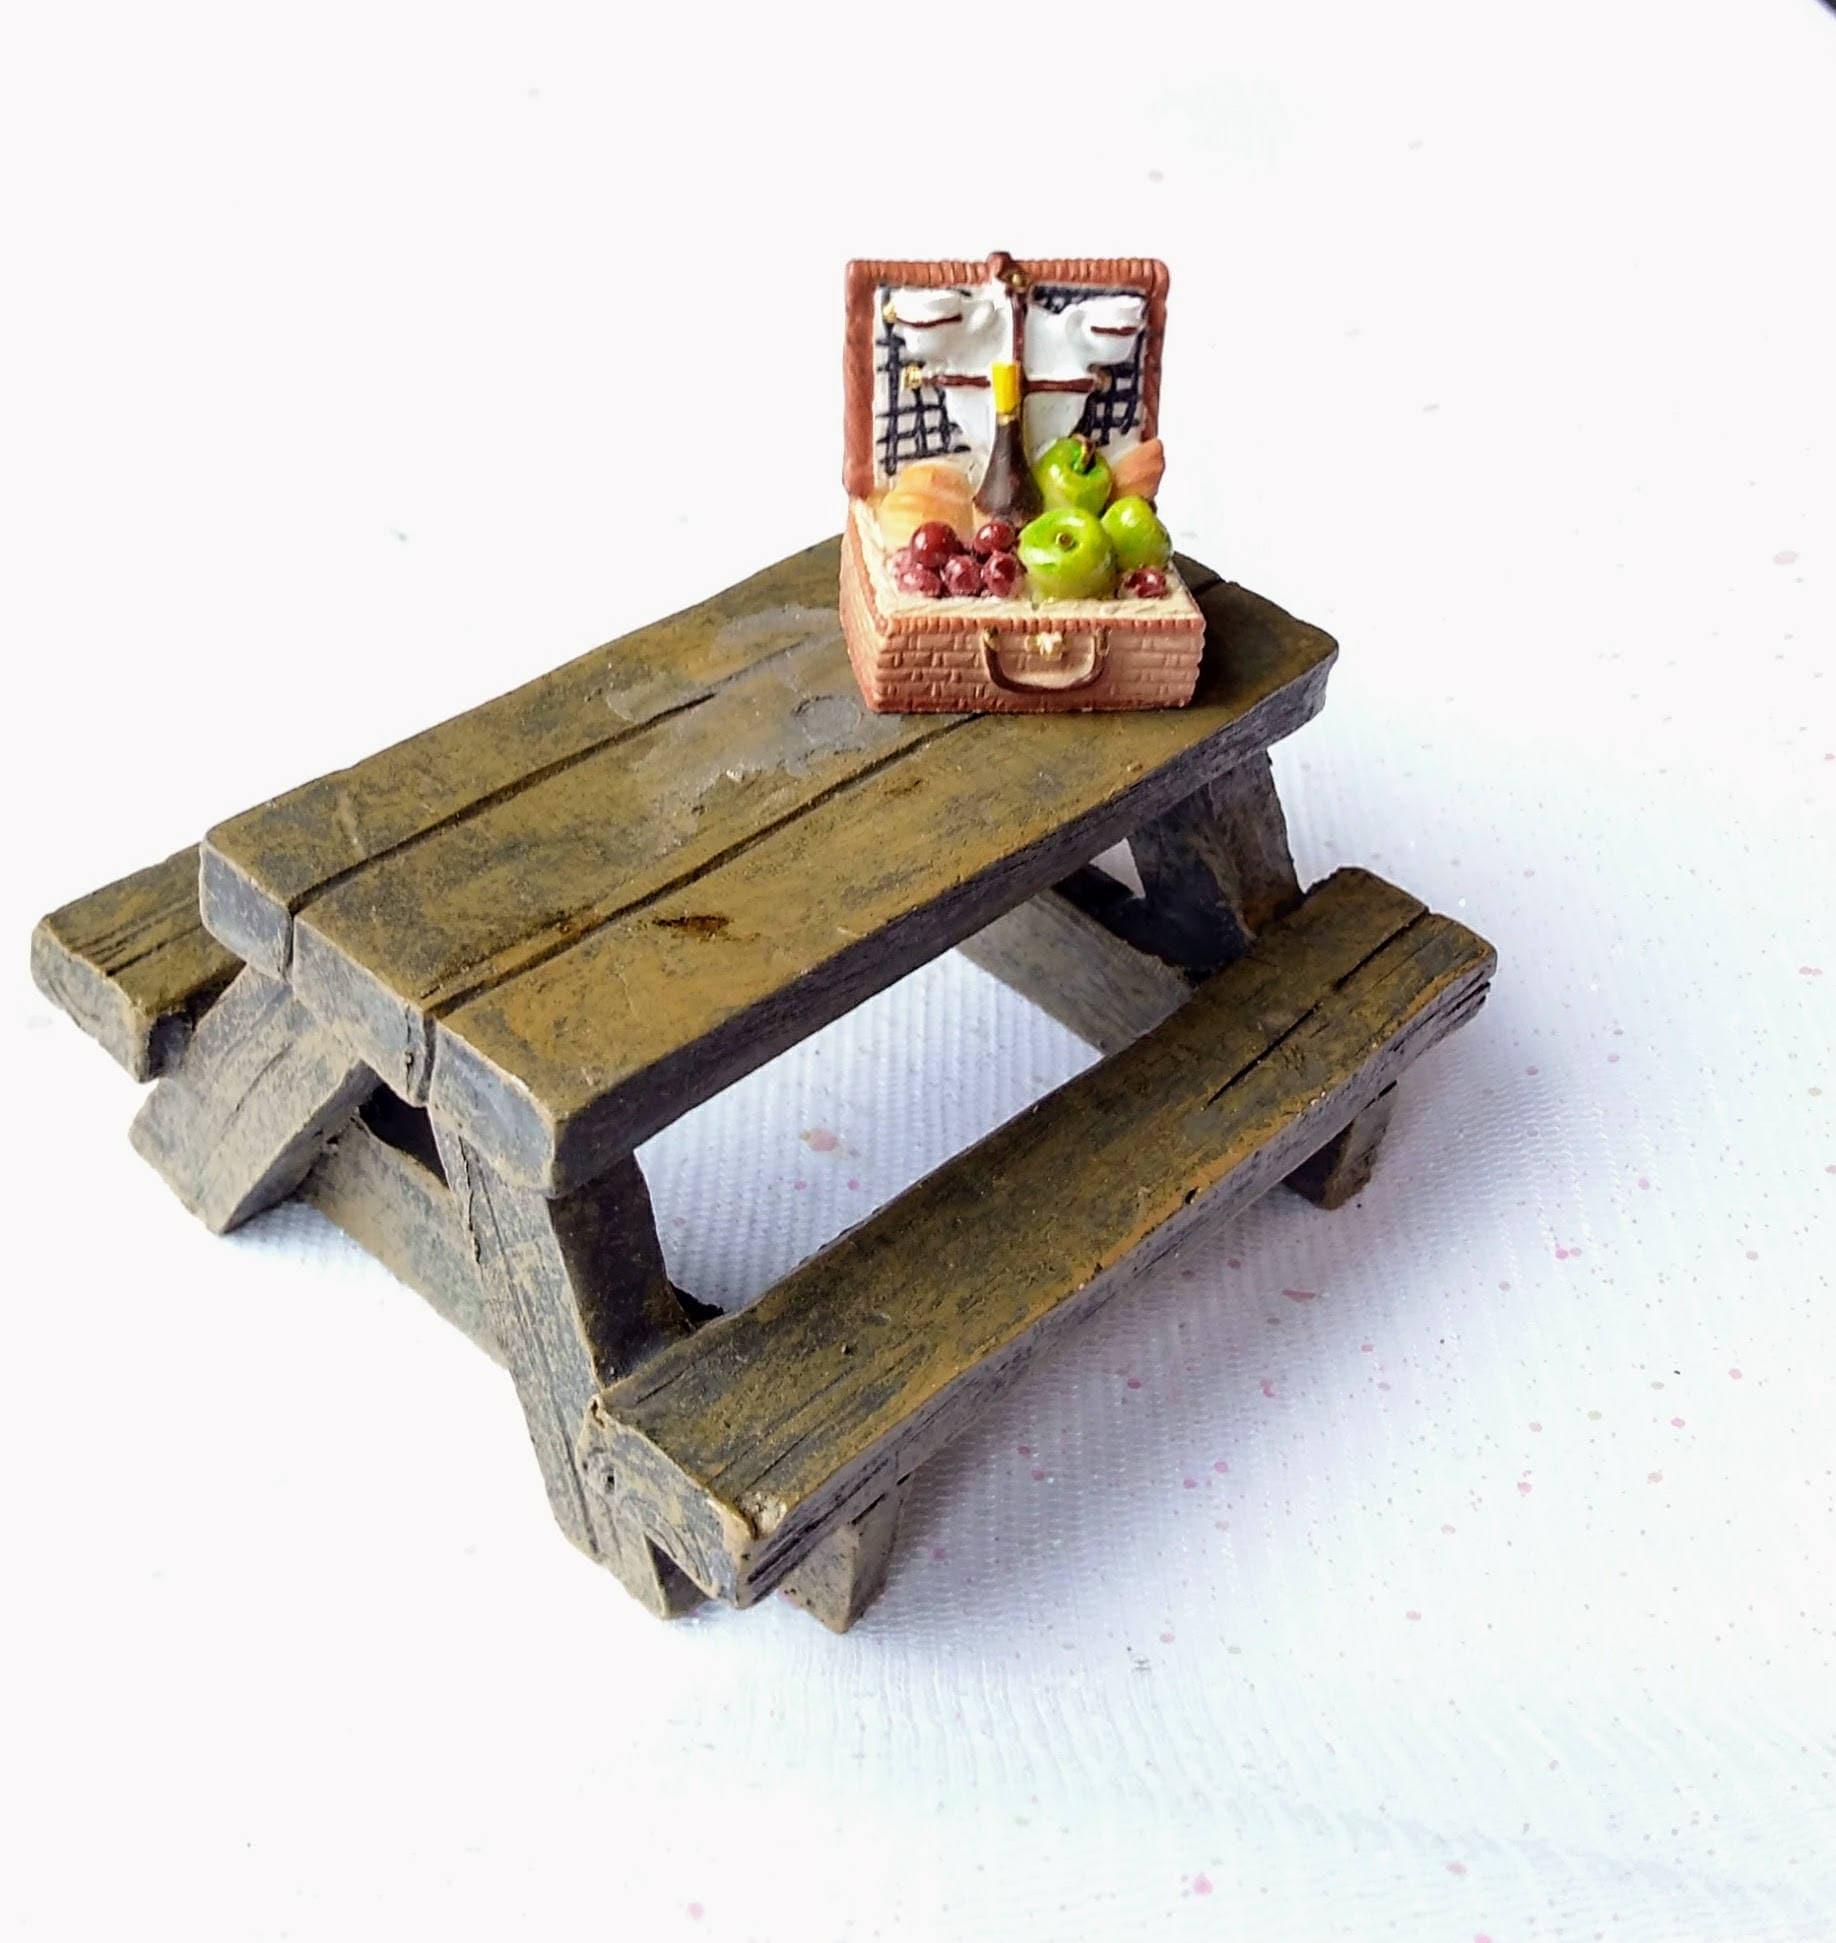 Fairy Garden Table  Fairy Garden Furniture  Miniature Garden Table  Fairy Garden Accessories  Picnic Table